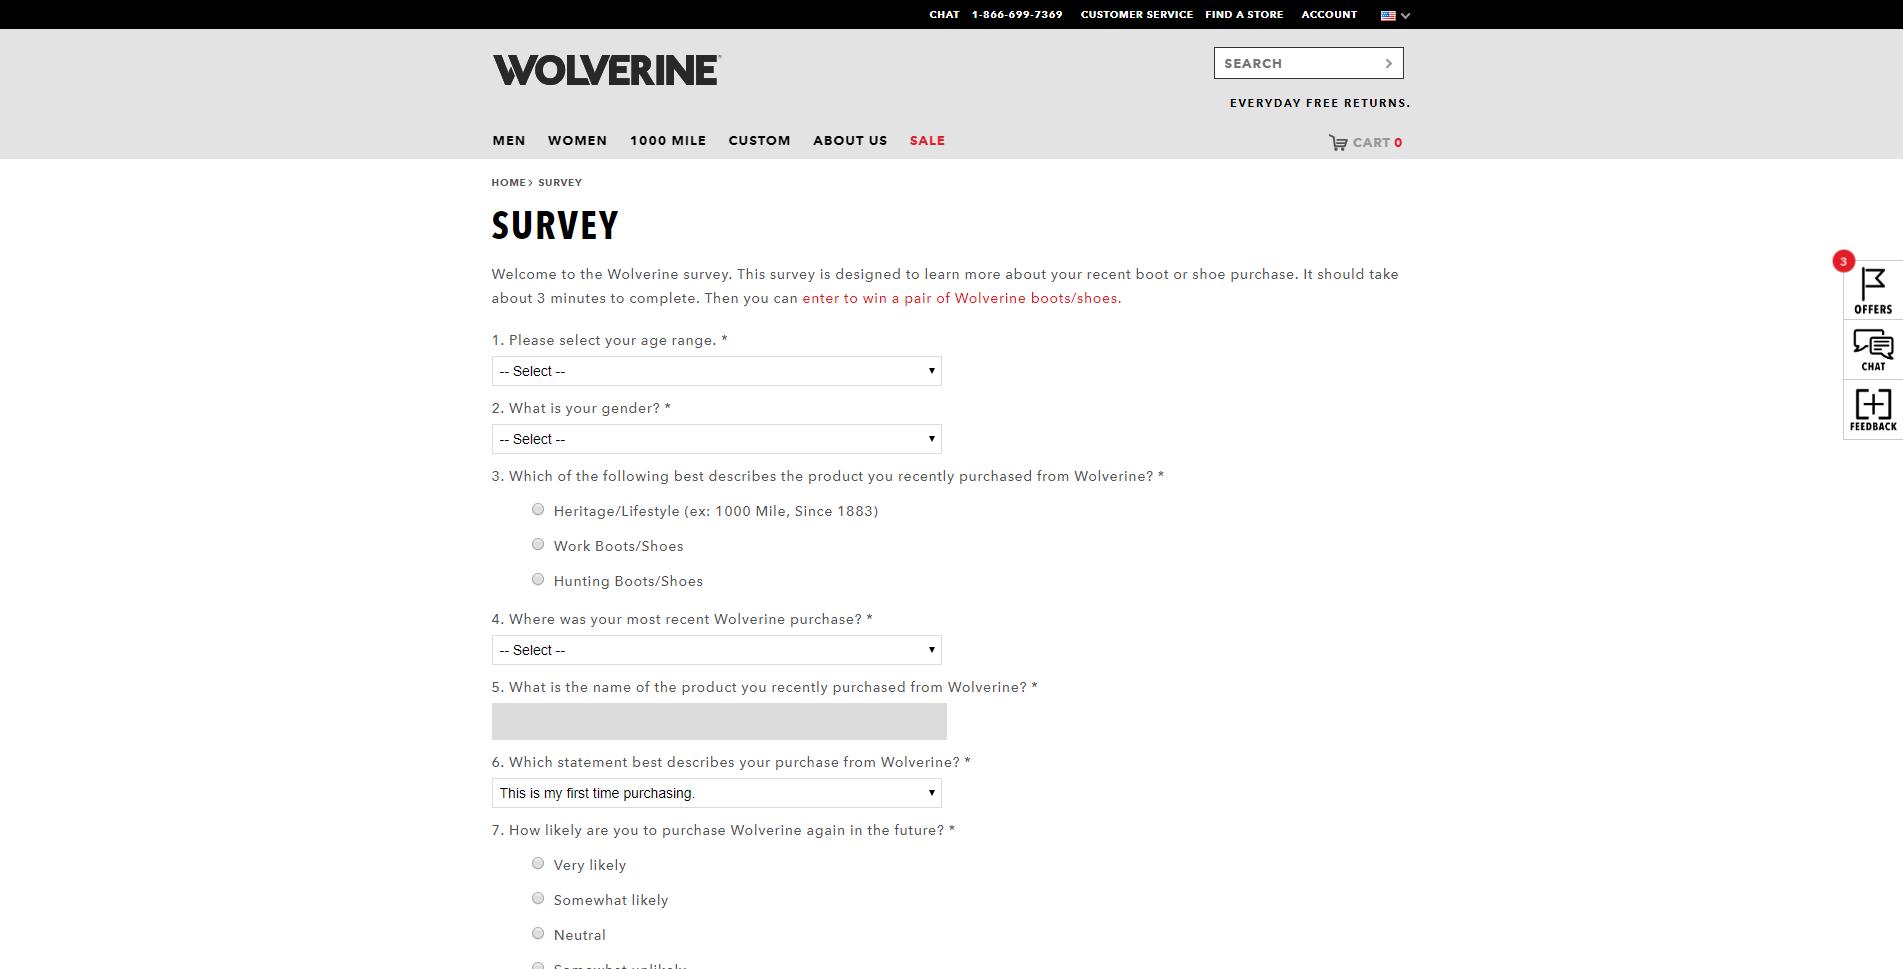 www.wolverine.com/US/en/survey